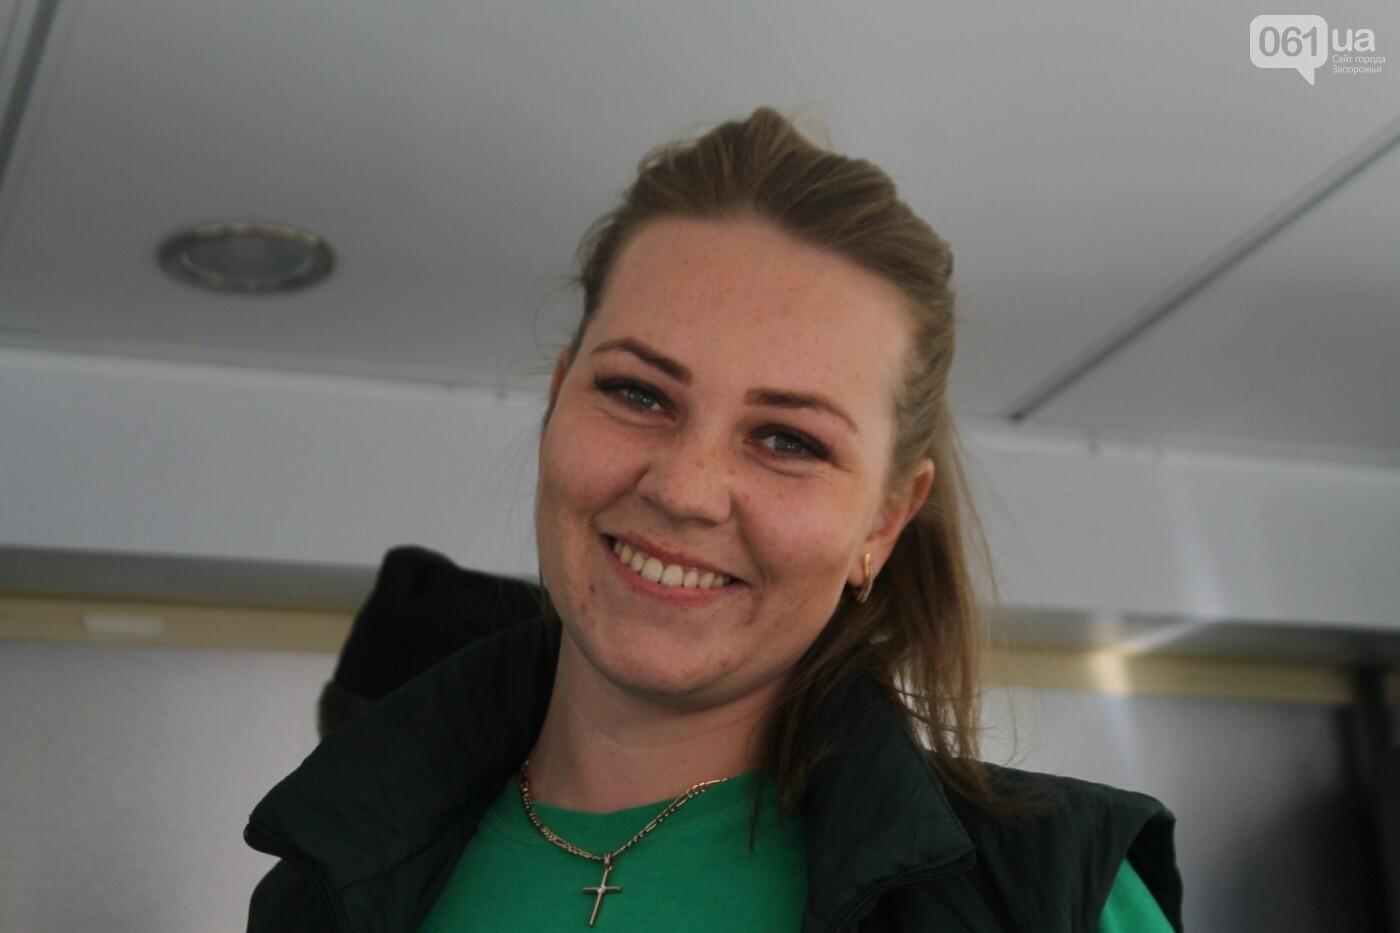 Как в Запорожье прошел пивной фестиваль «Beluga Beer fest», – ФОТОРЕПОРТАЖ, фото-9